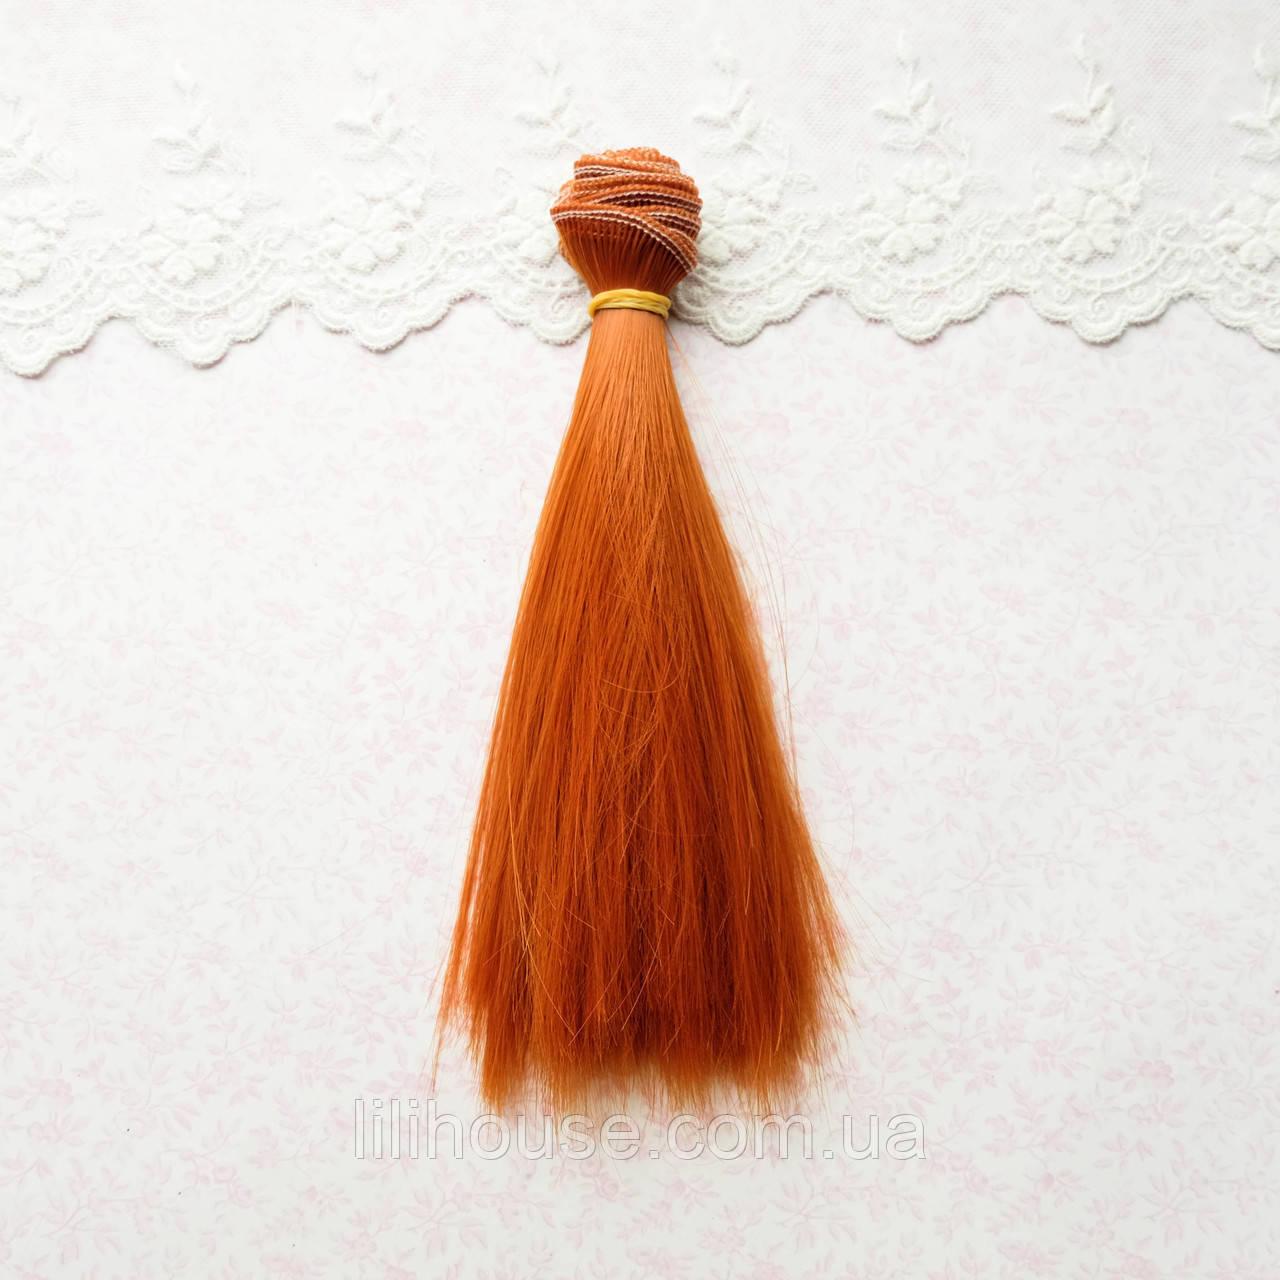 Волосы для кукол в трессах, рыжие - 15 см